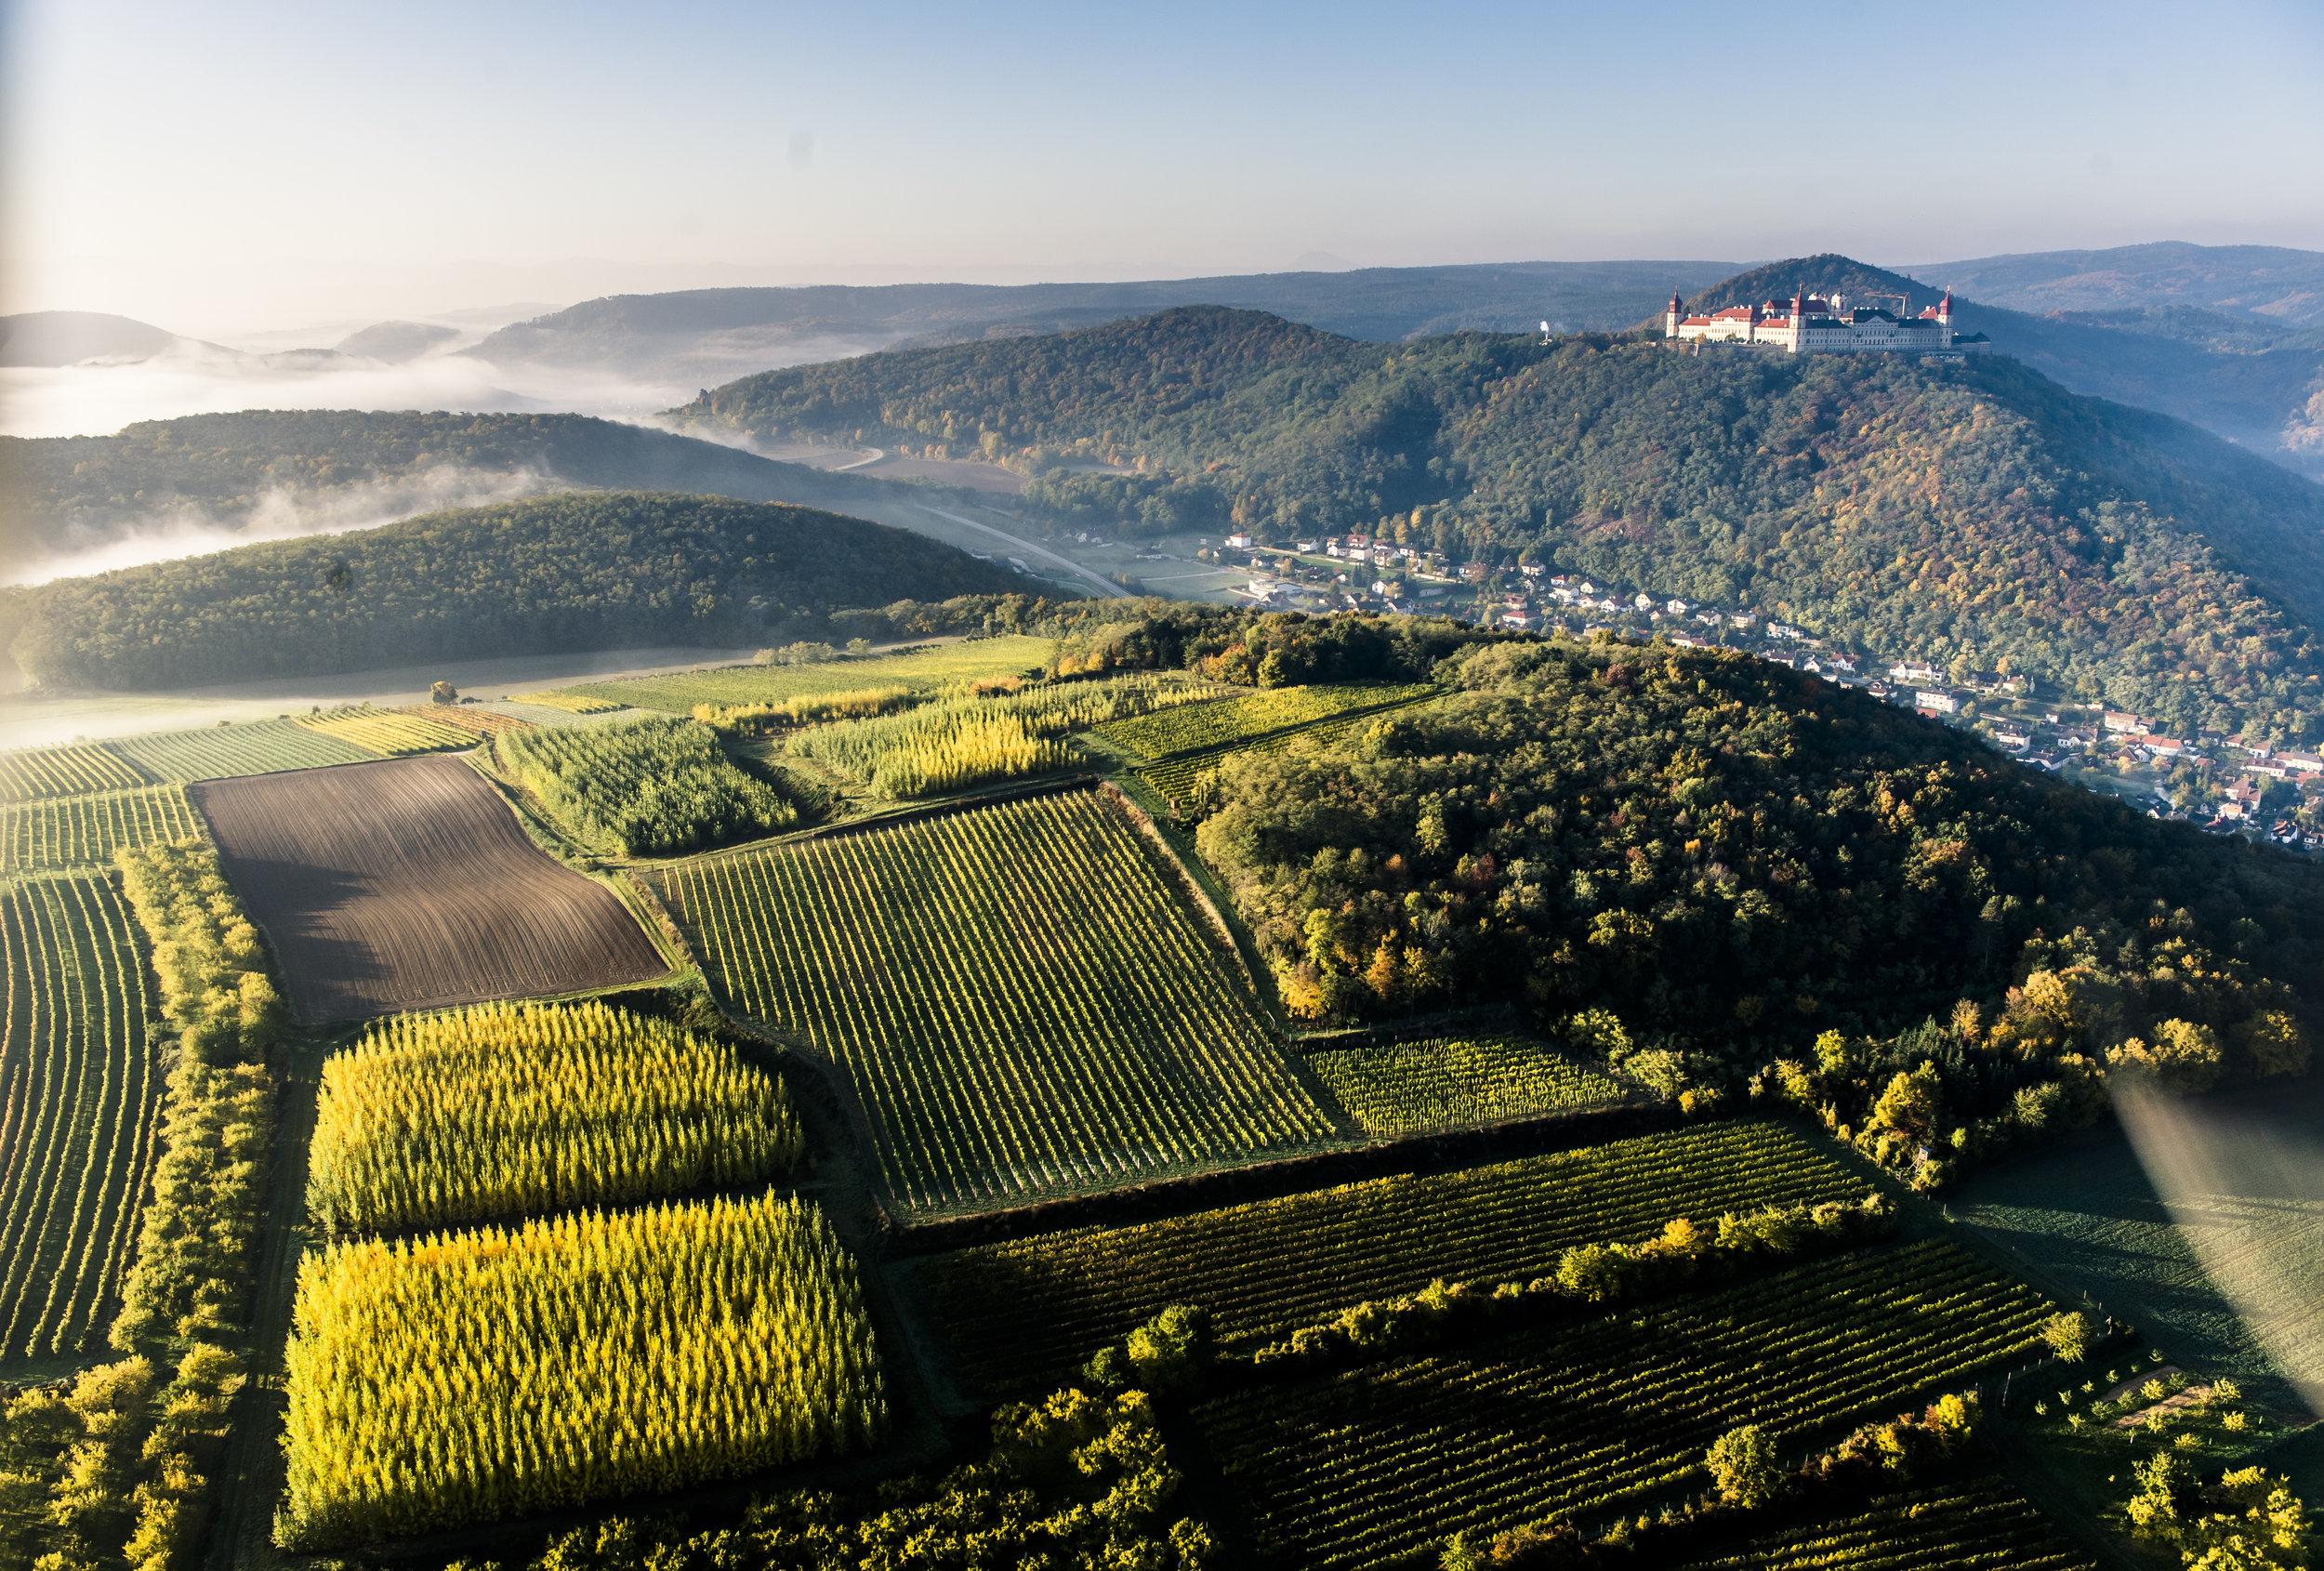 Ried Herrentrost - Die Riede Herrentrost befindet sich in Krems-Thallern und ist eine sehr frühreife Lage. Ein kleiner Weingarten hier ist mit der Sorte Roter Traminer bepflanzt, den wir in besonderen Jahren auch reinsortig ausbauen.